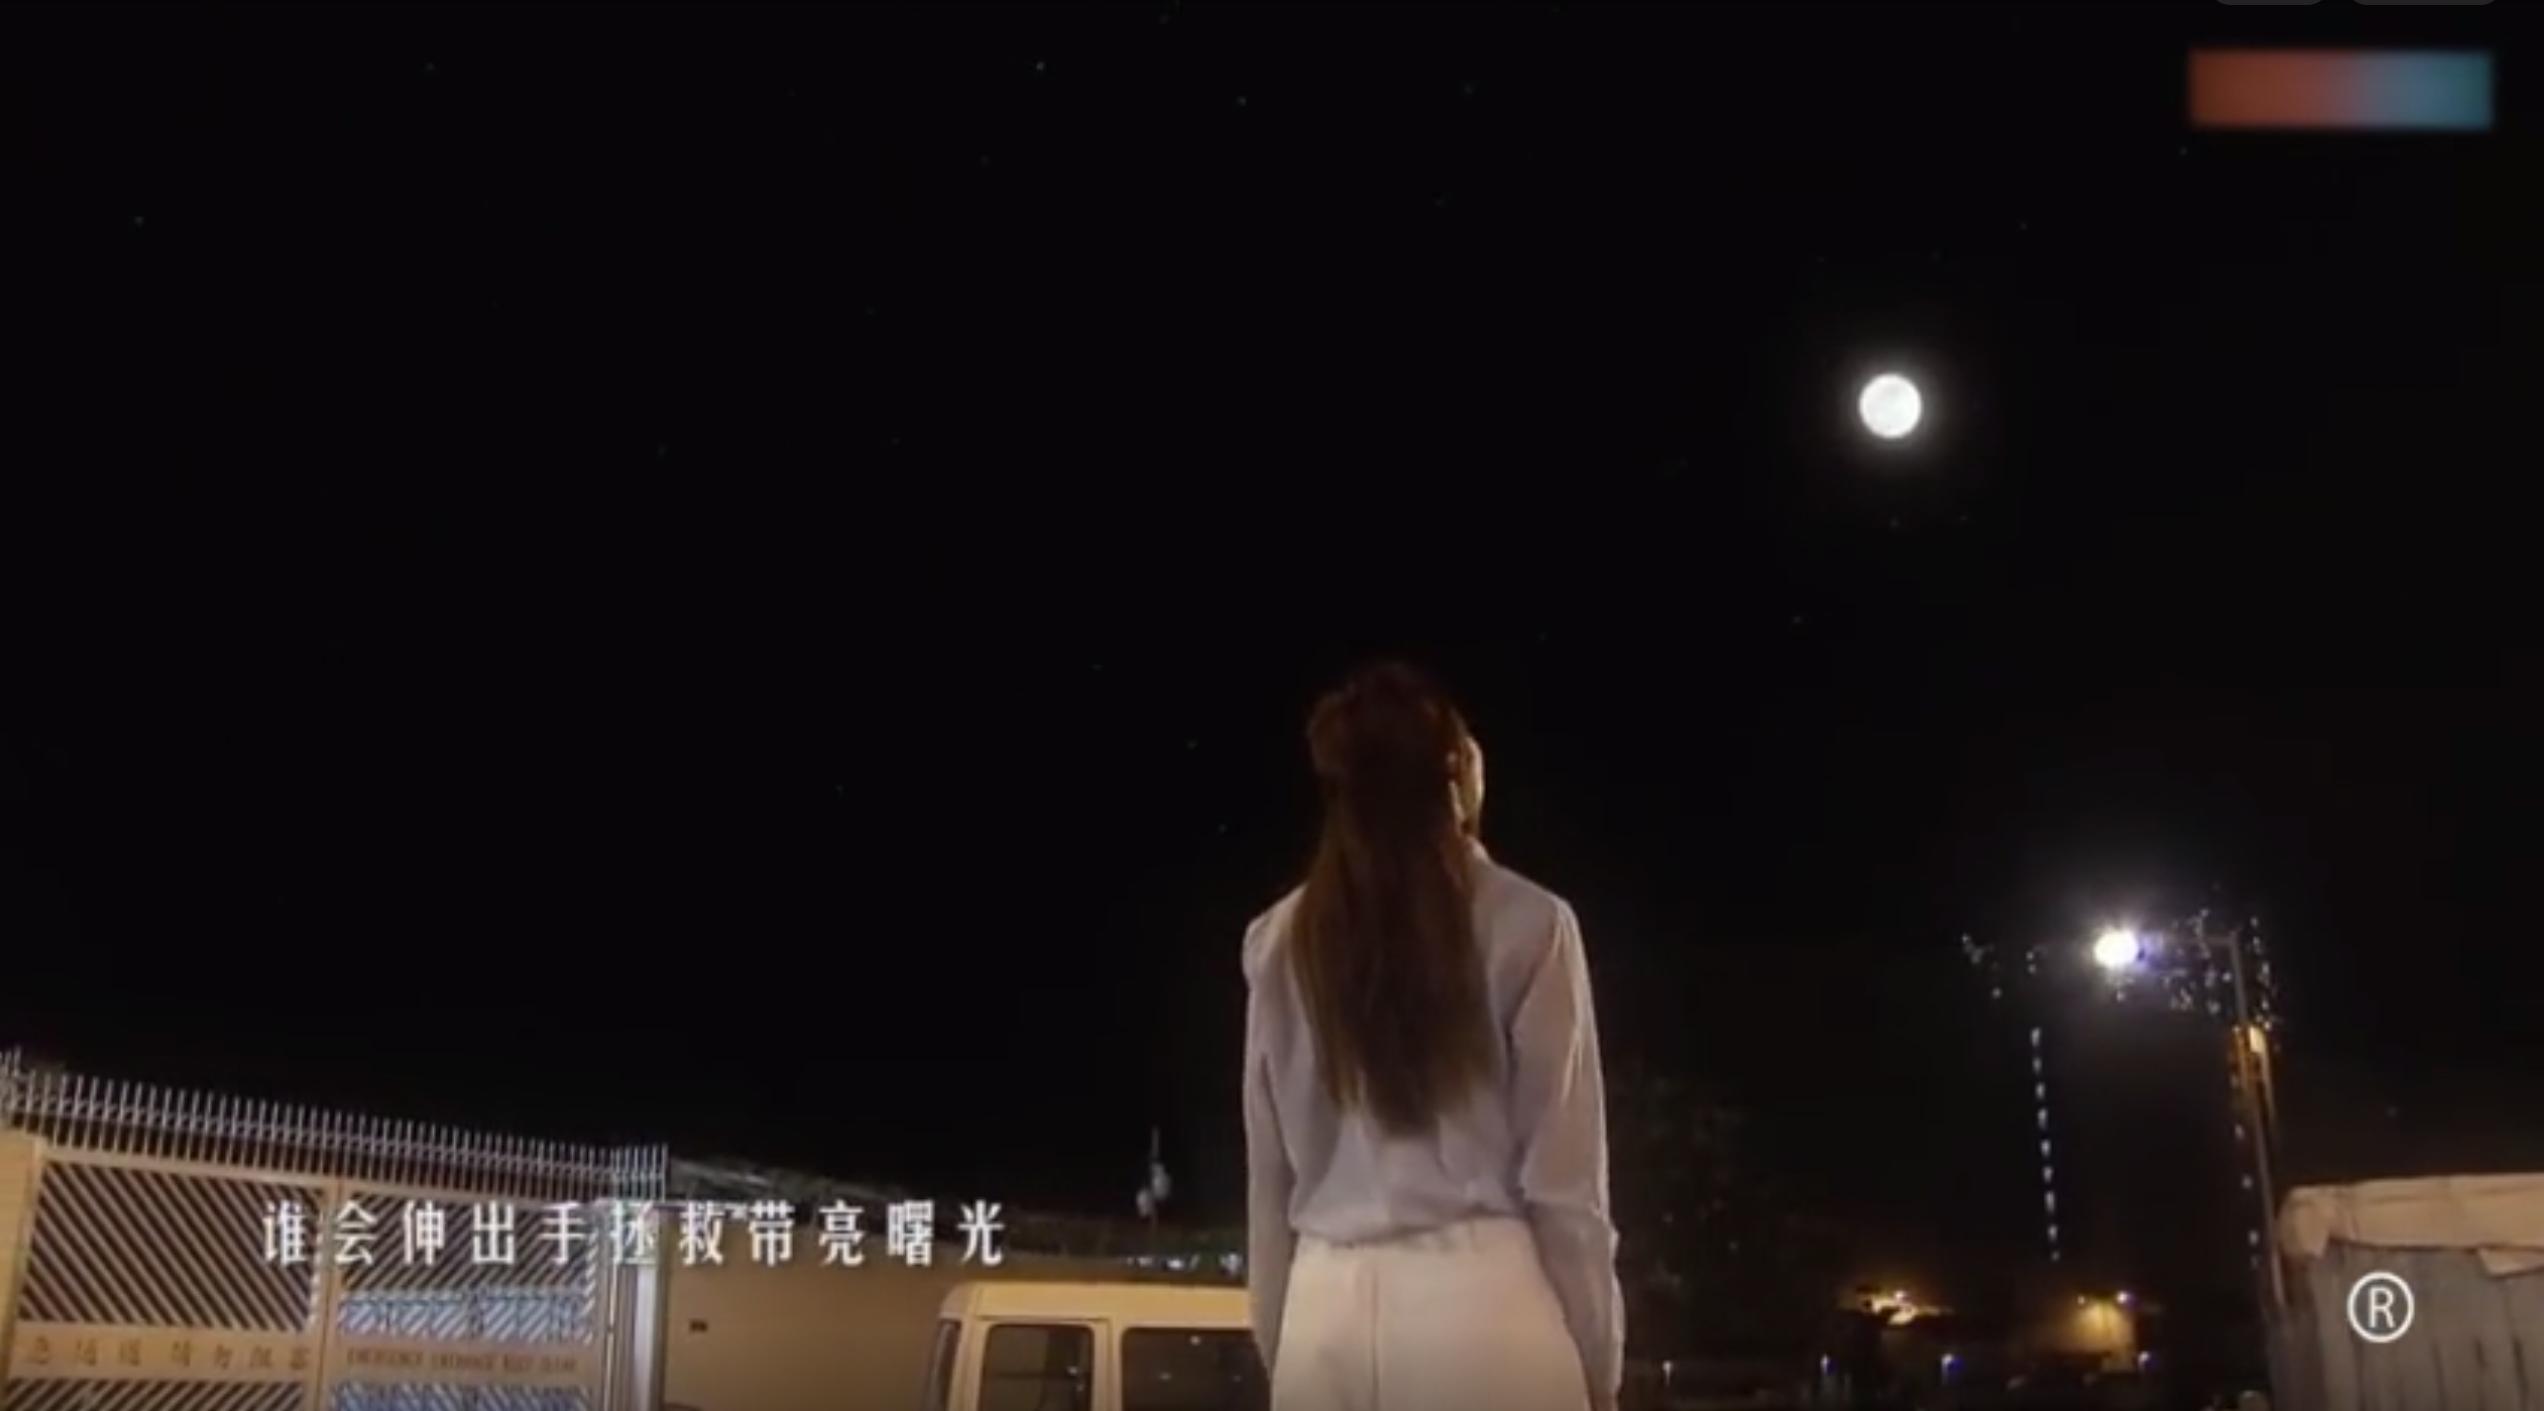 《跳躍生命線》劇照——蕙芯發生車禍前望著夜空中的明月